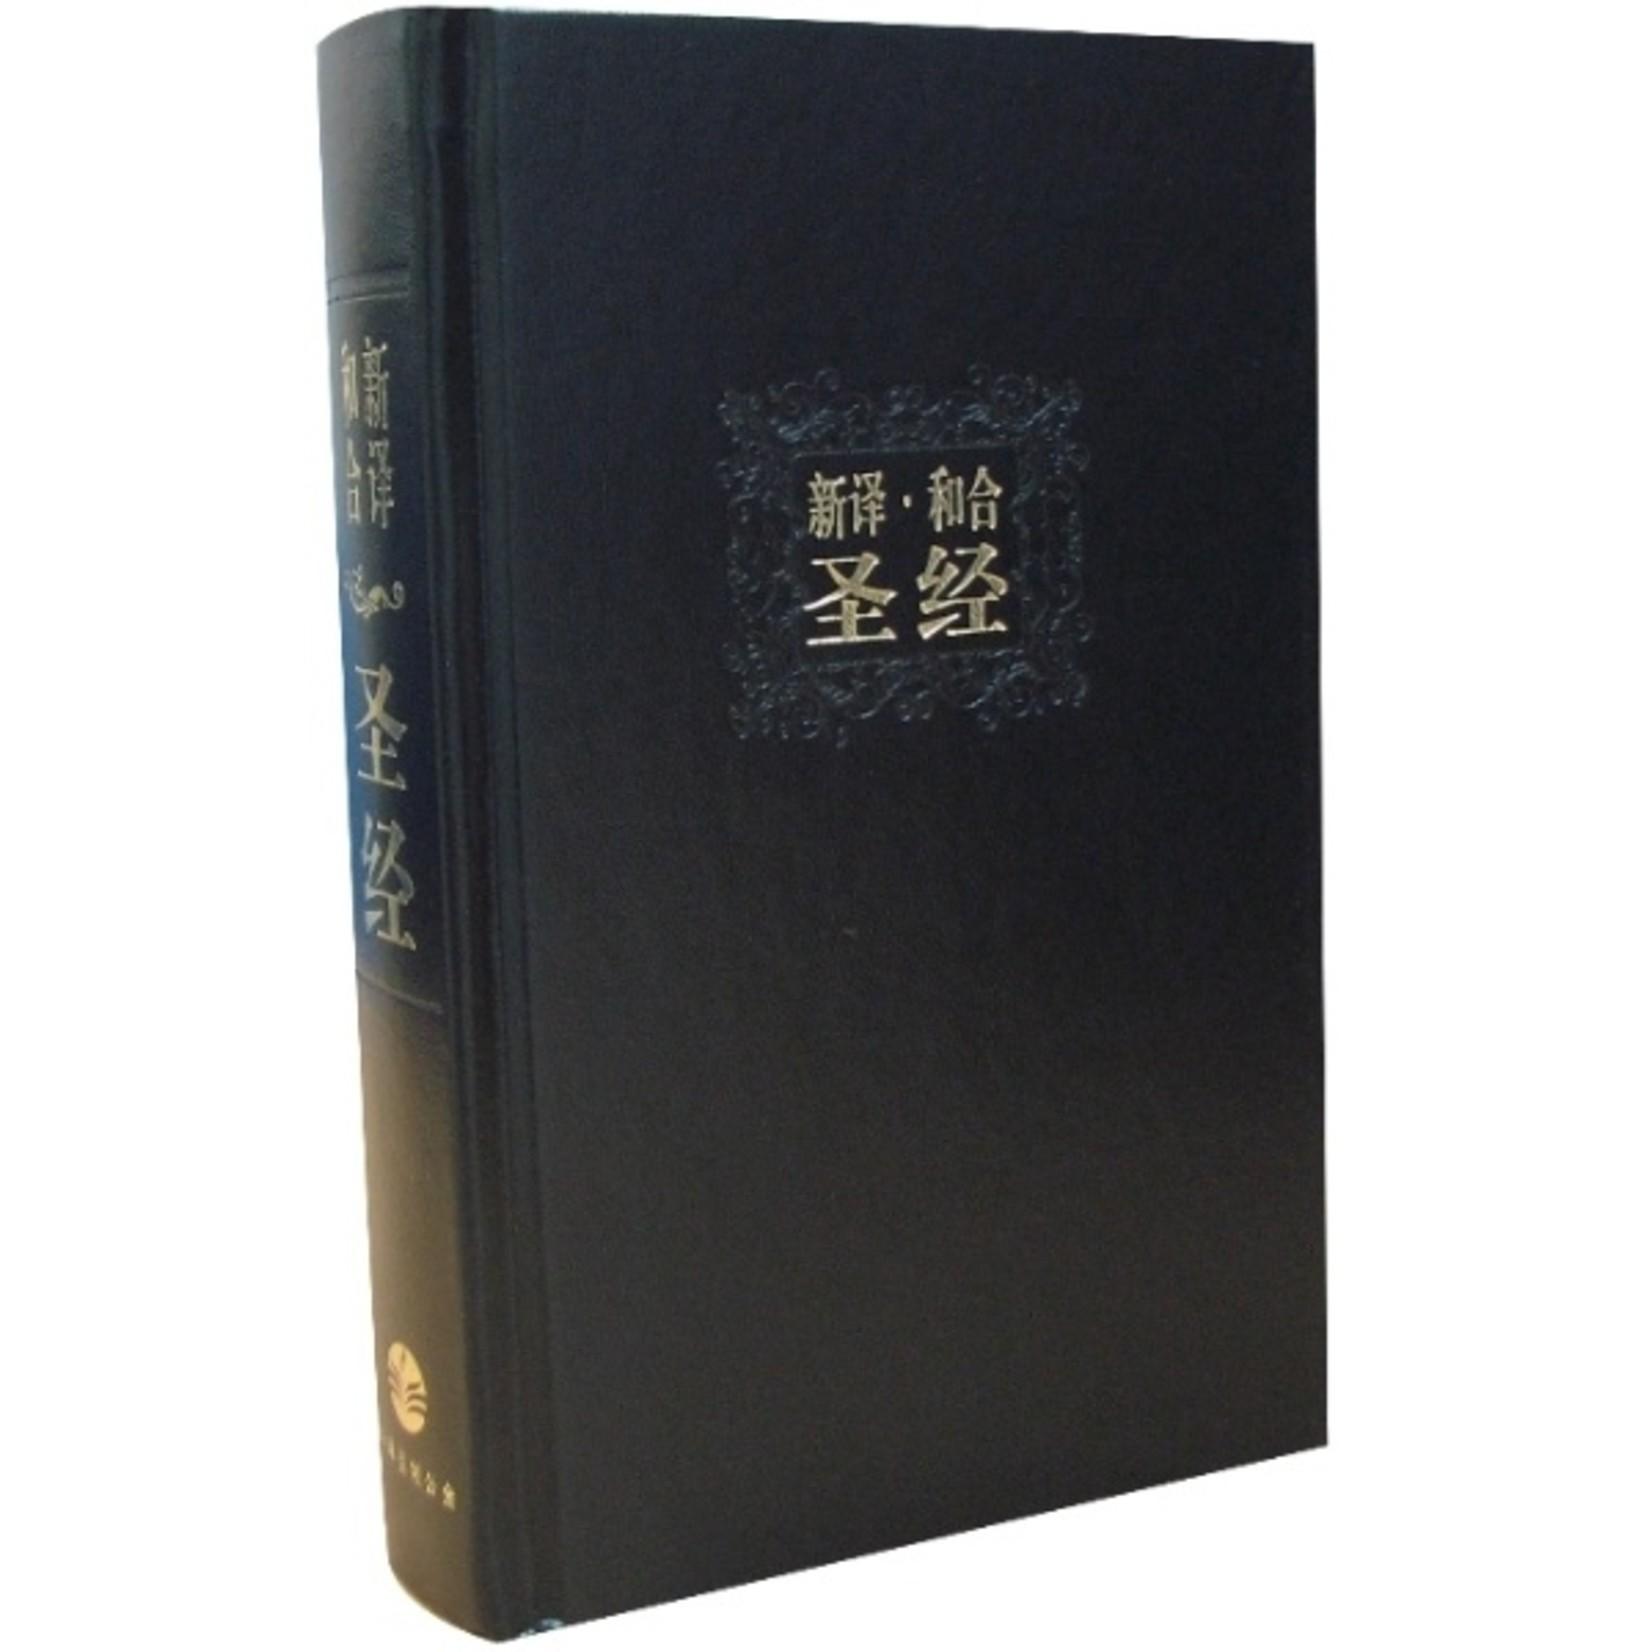 環球聖經公會 The Worldwide Bible Society 新譯.和合聖經.中型裝.神字版.黑色精裝白邊(簡體)